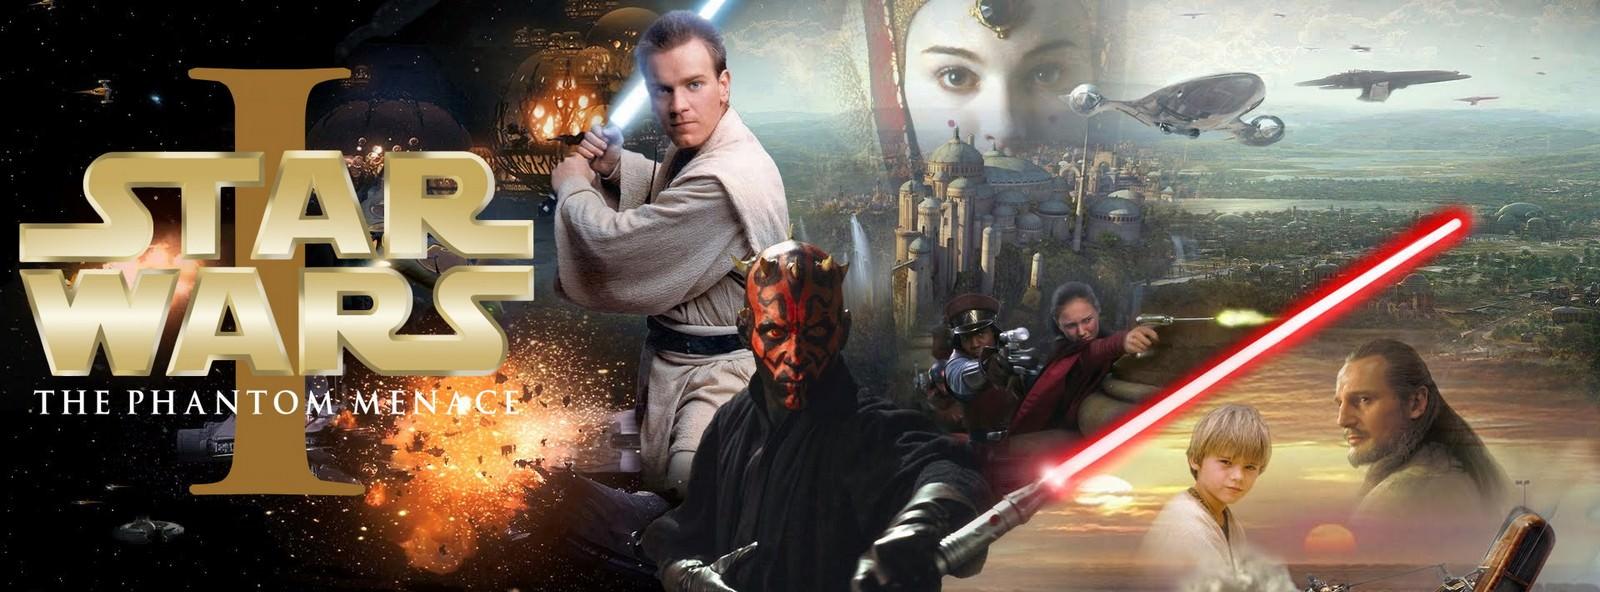 Movie, Star Wars: Episode I - The Phantom Menace(美國, 1999) / 星際大戰首部曲:威脅潛伏(台灣) / 星球大战前传:幽灵的威胁(中國) / 星球大戰前傳:魅影危機(香港), 電影海報, 美國, 橫版